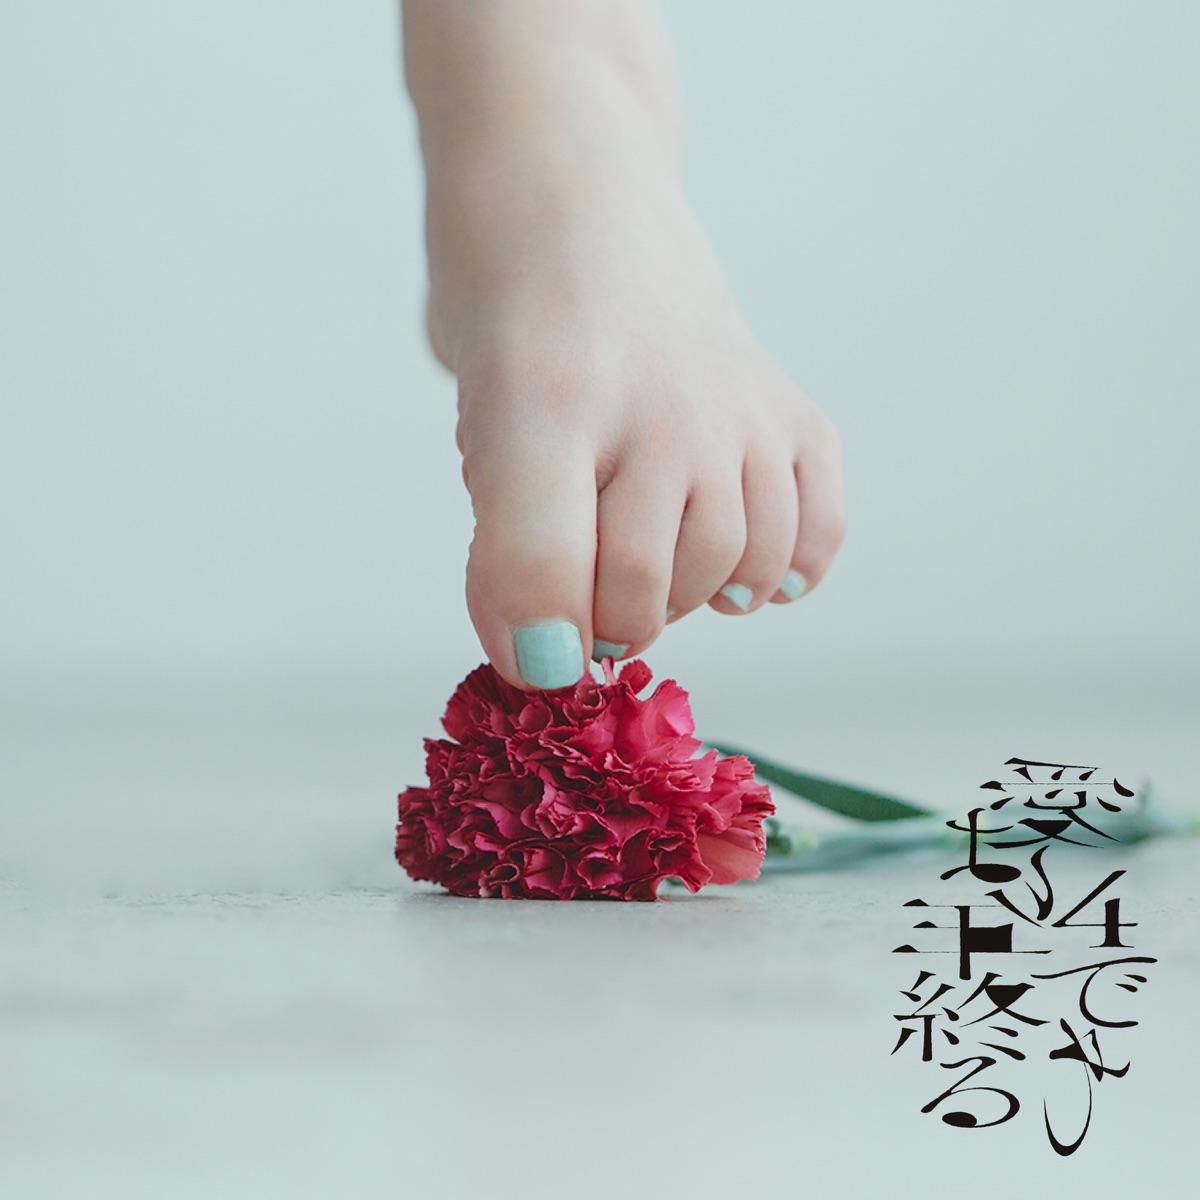 『西片梨帆 - 愛は4年で終わる』収録の『愛は4年で終わる』ジャケット